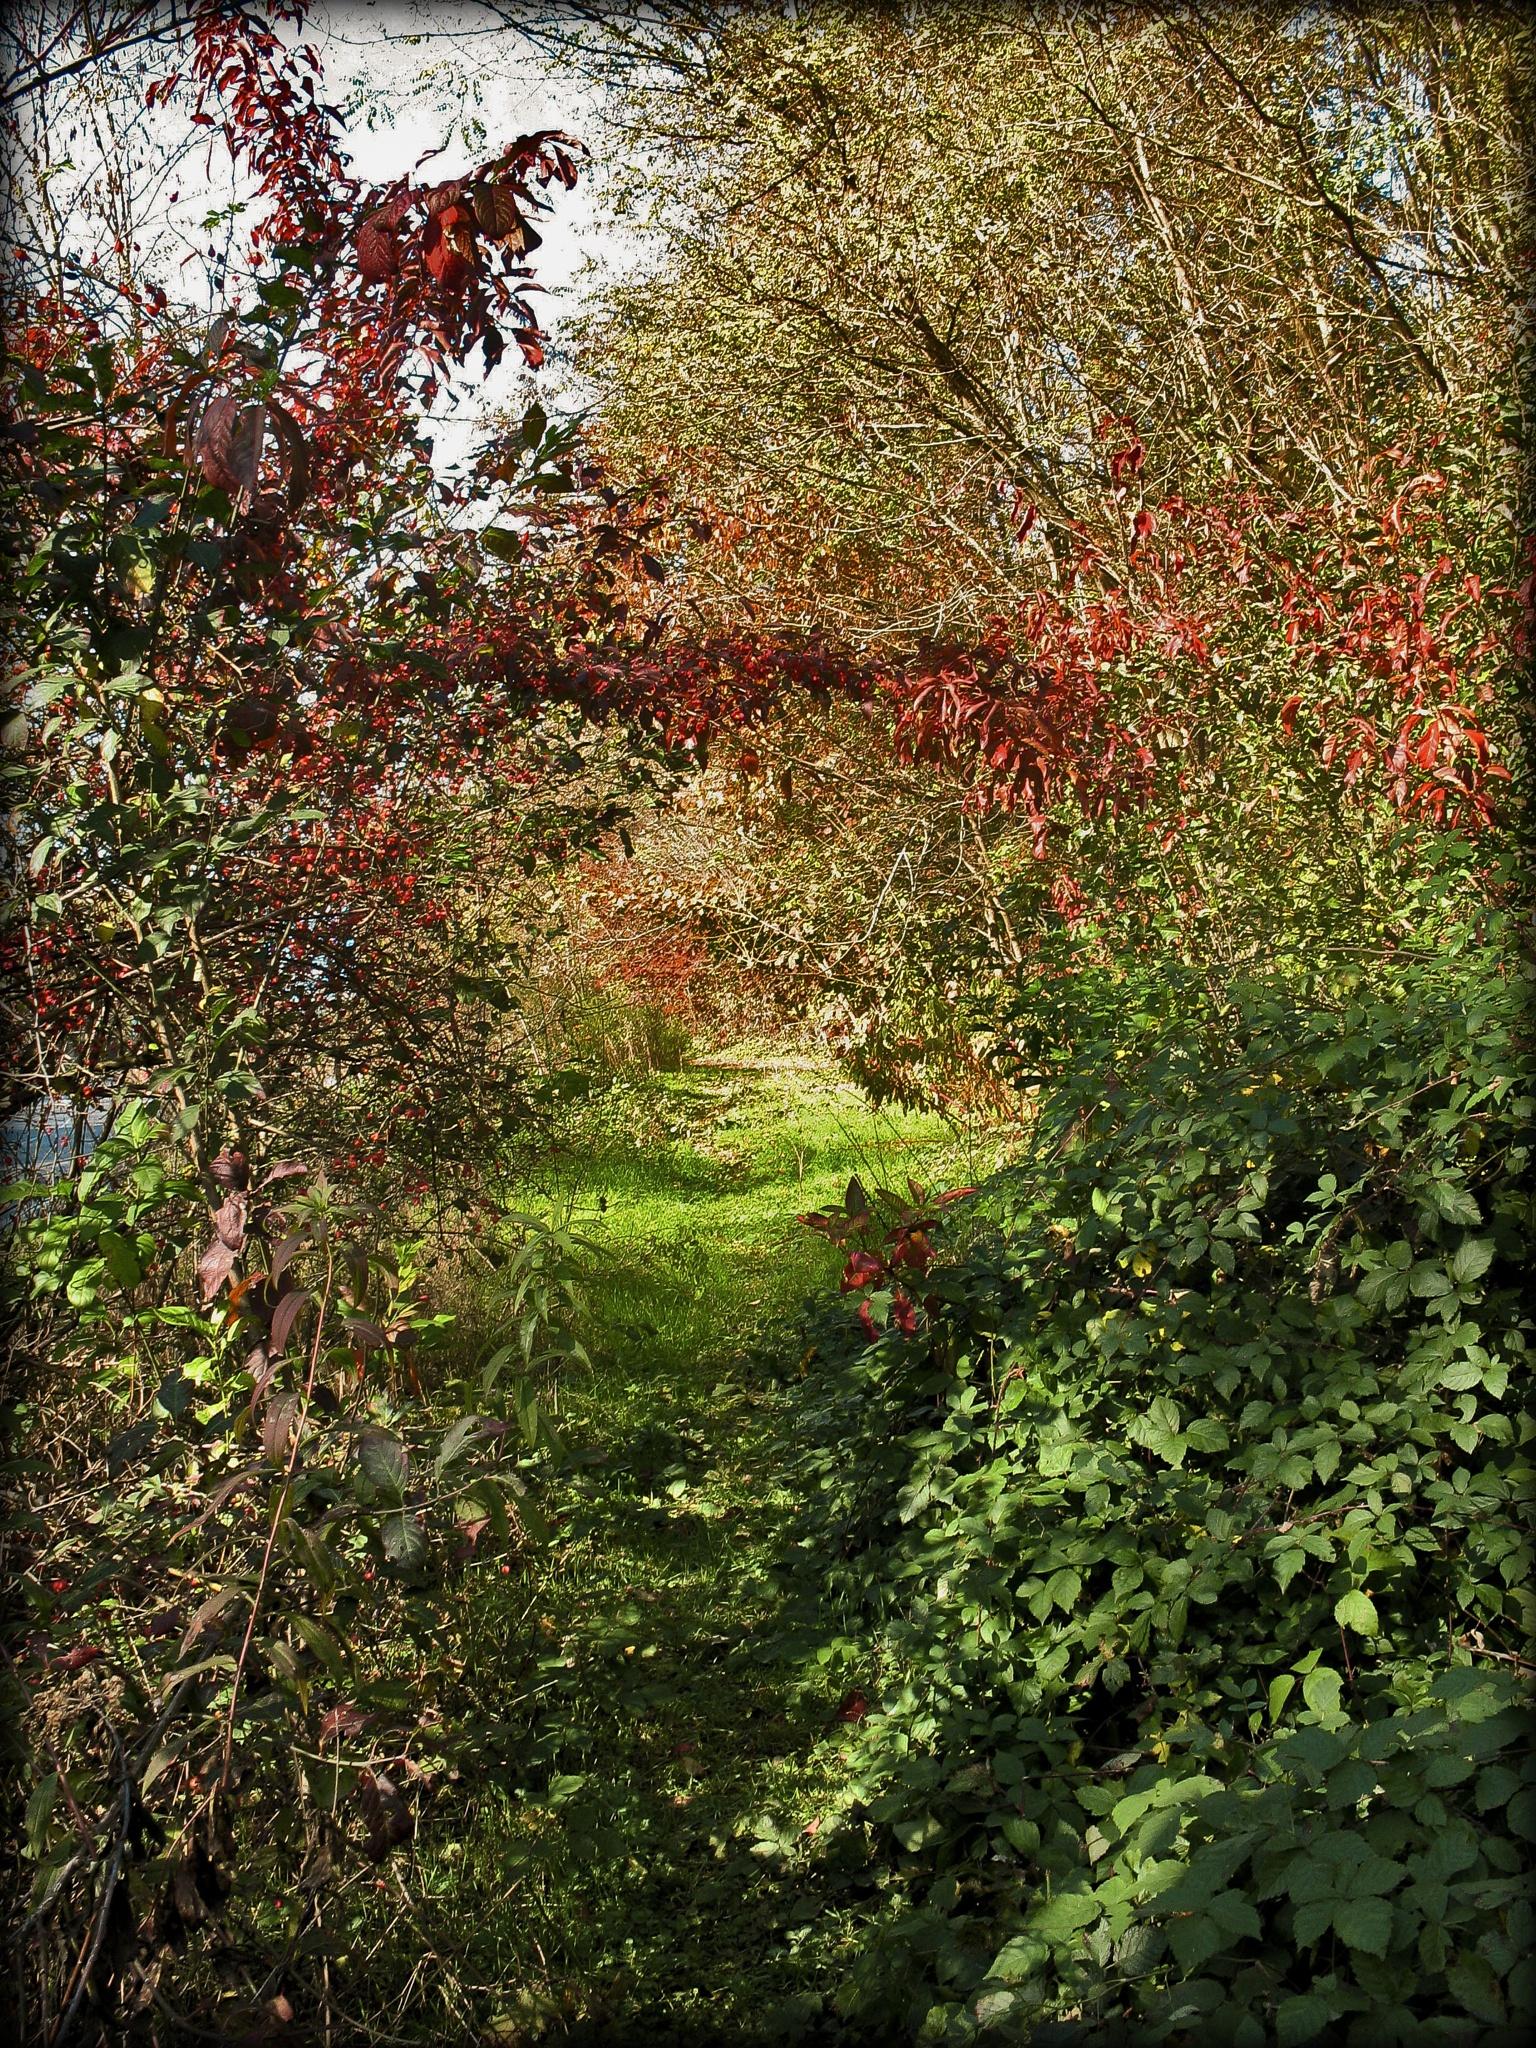 bushes in the autumn by Cesare Vatrano